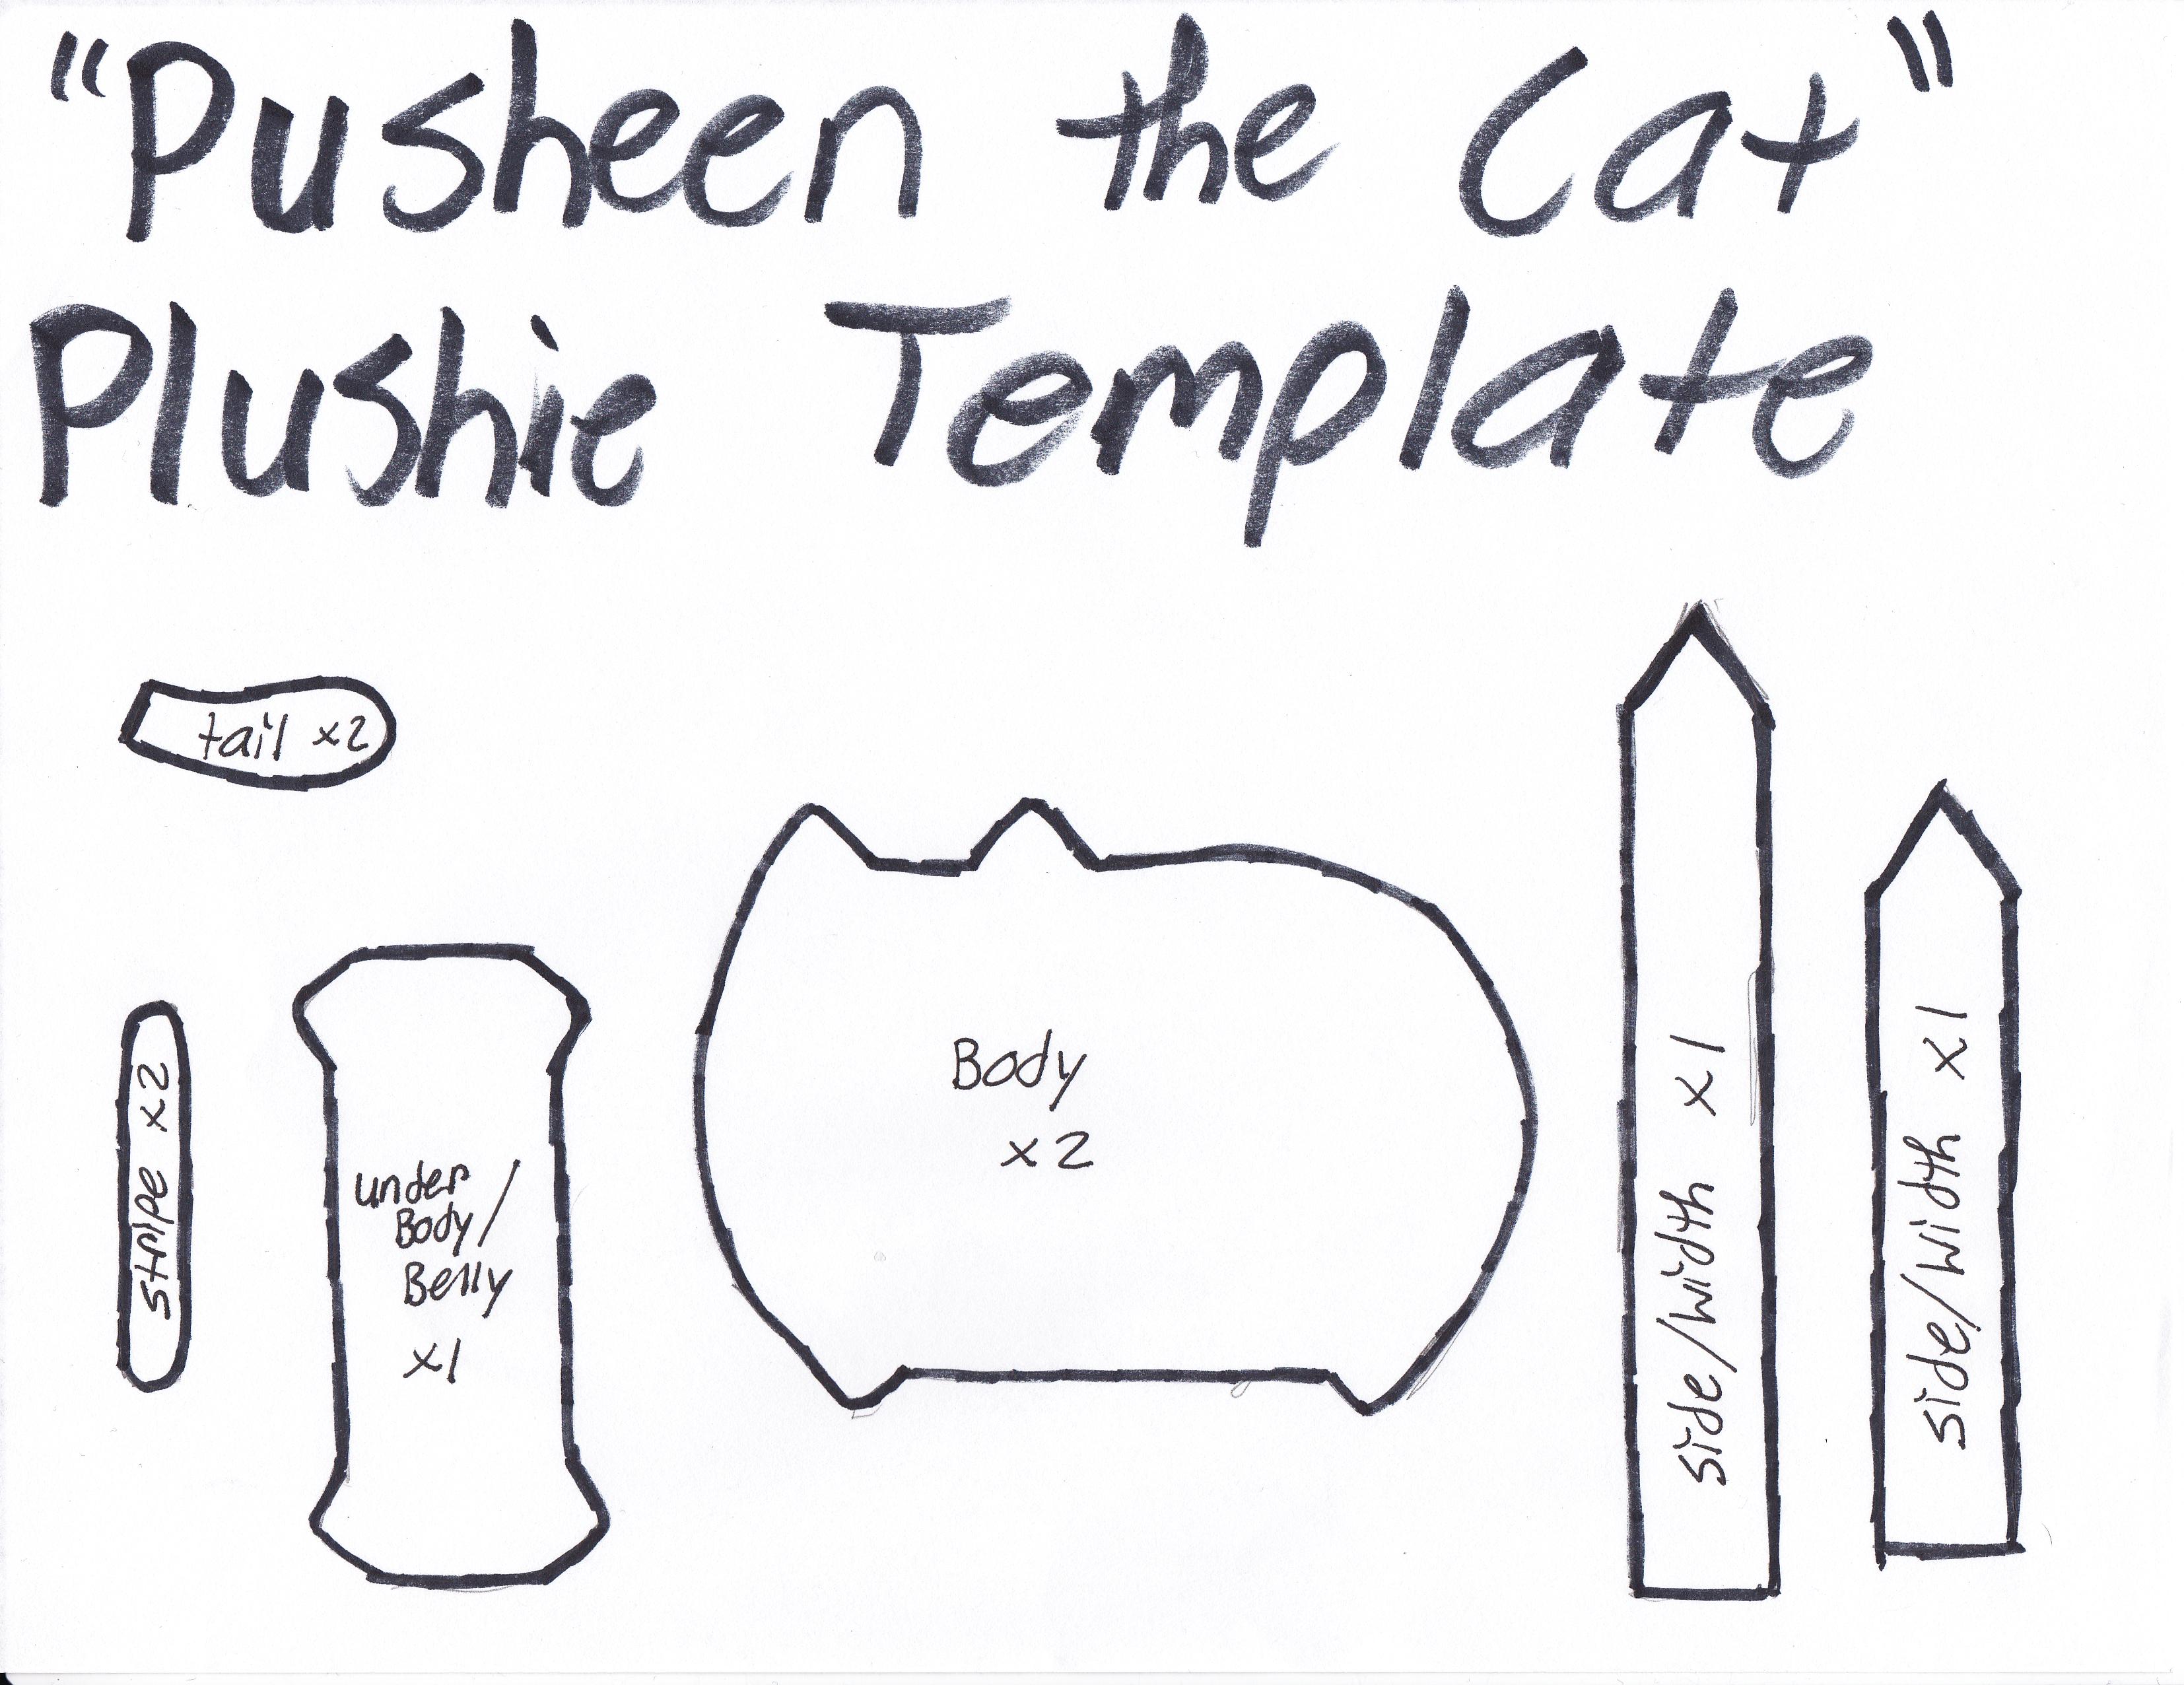 Schnitt für Pusheen | being creative | Pinterest | Nähen, Tiere ...